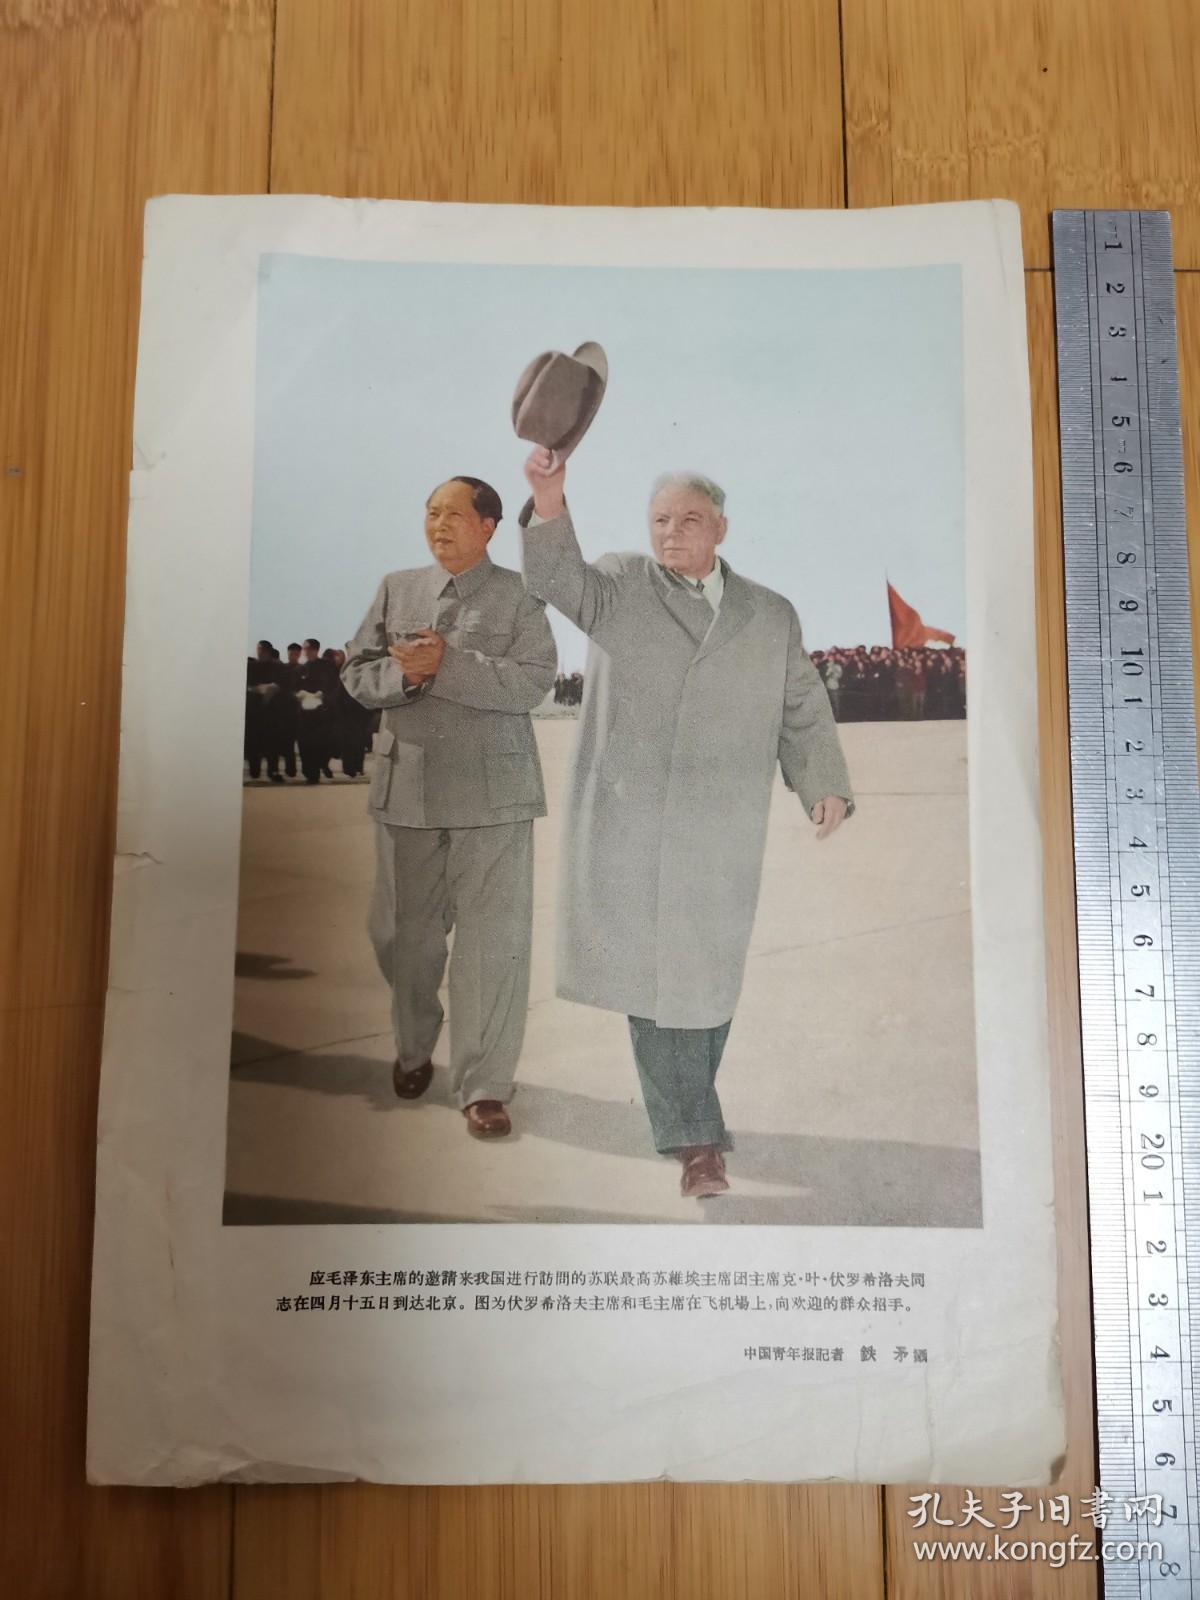 16开画片:伏罗希洛夫主席和毛主席在飞机场上向欢迎的群众招手